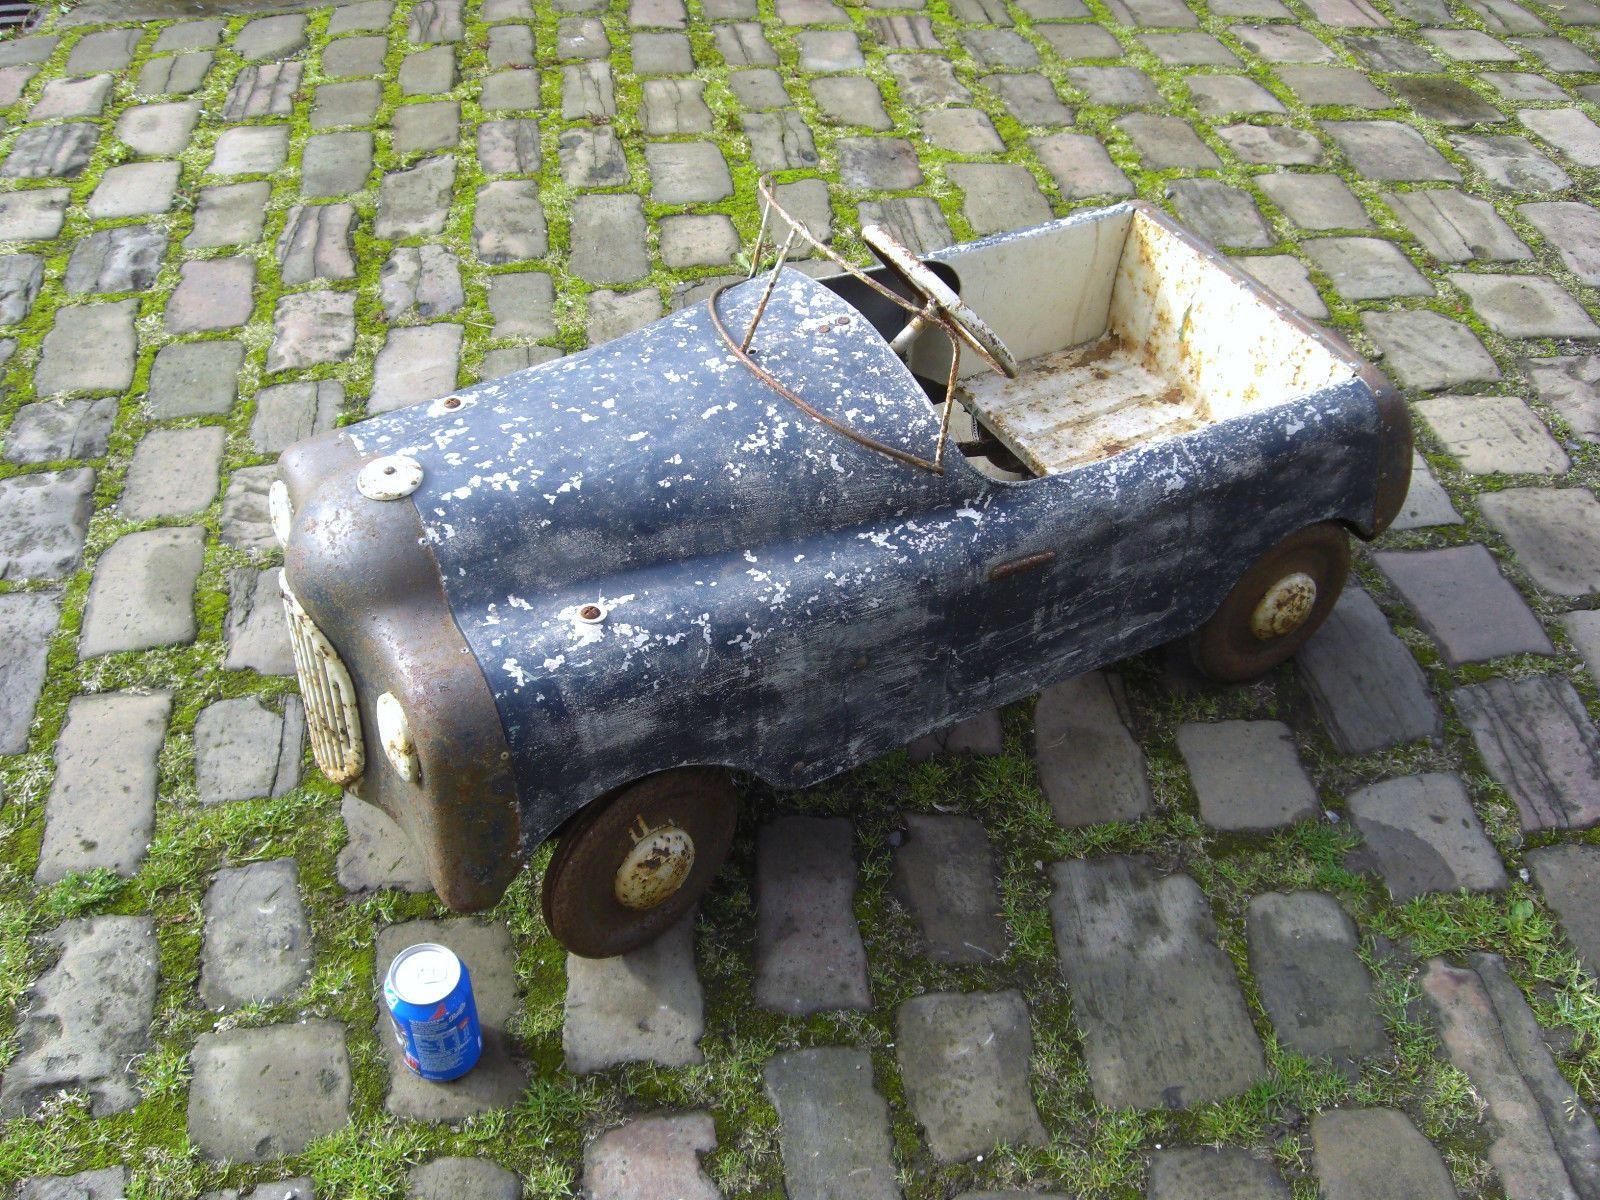 Vintage Childs Pedal Car - http://www.ebay.co.uk/itm/121425720397 ...